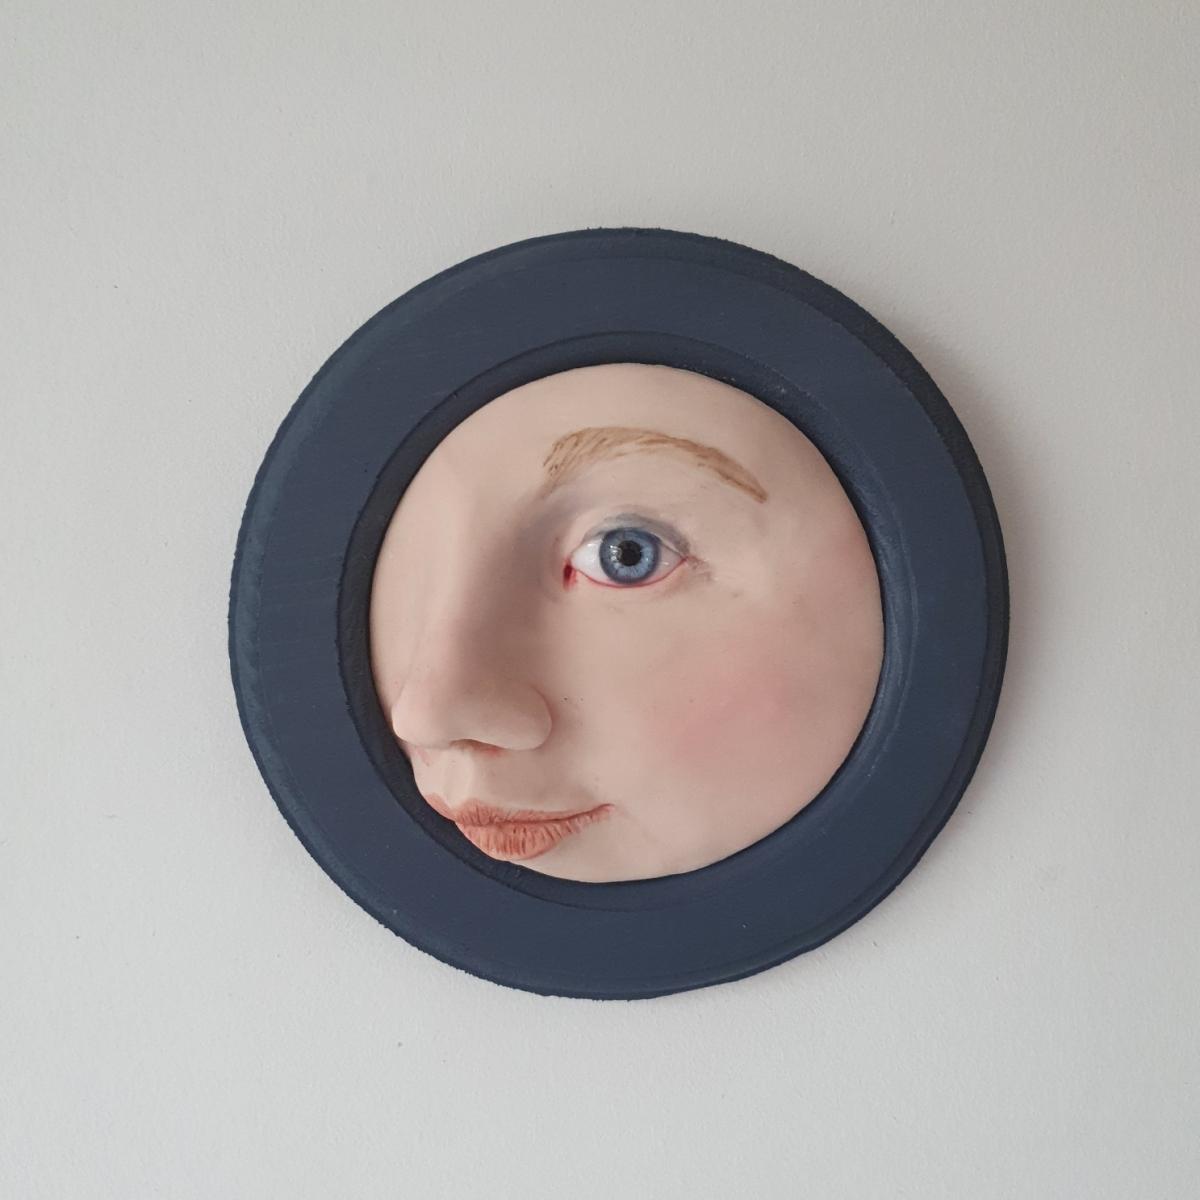 Kunst: Ik blauw van jou van kunstenaar Saskia Hoeboer